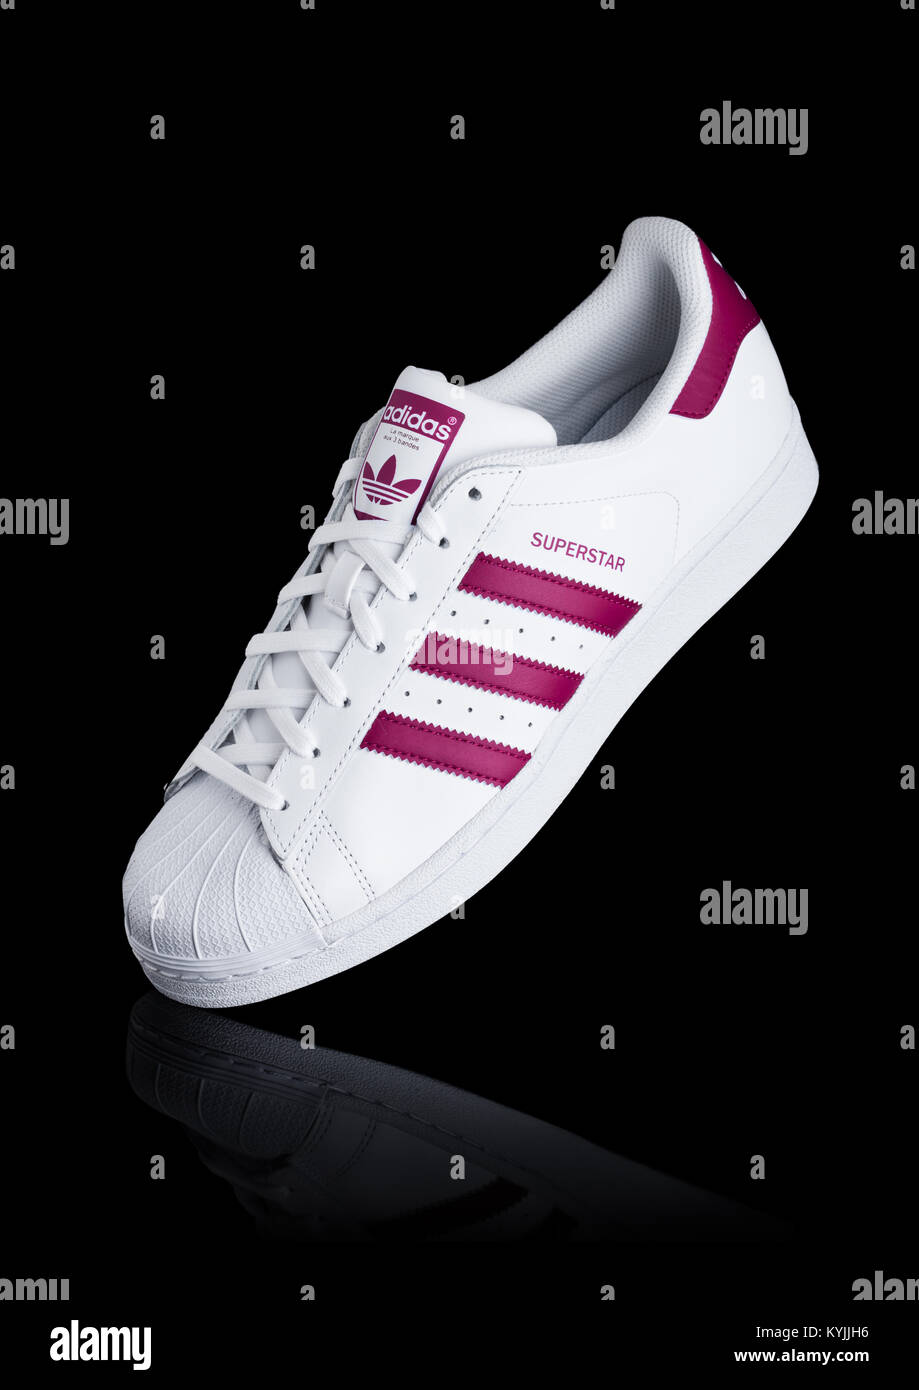 Adidas Black Sneakers Immagini   Adidas Black Sneakers Fotos Stock ... 489350645dc